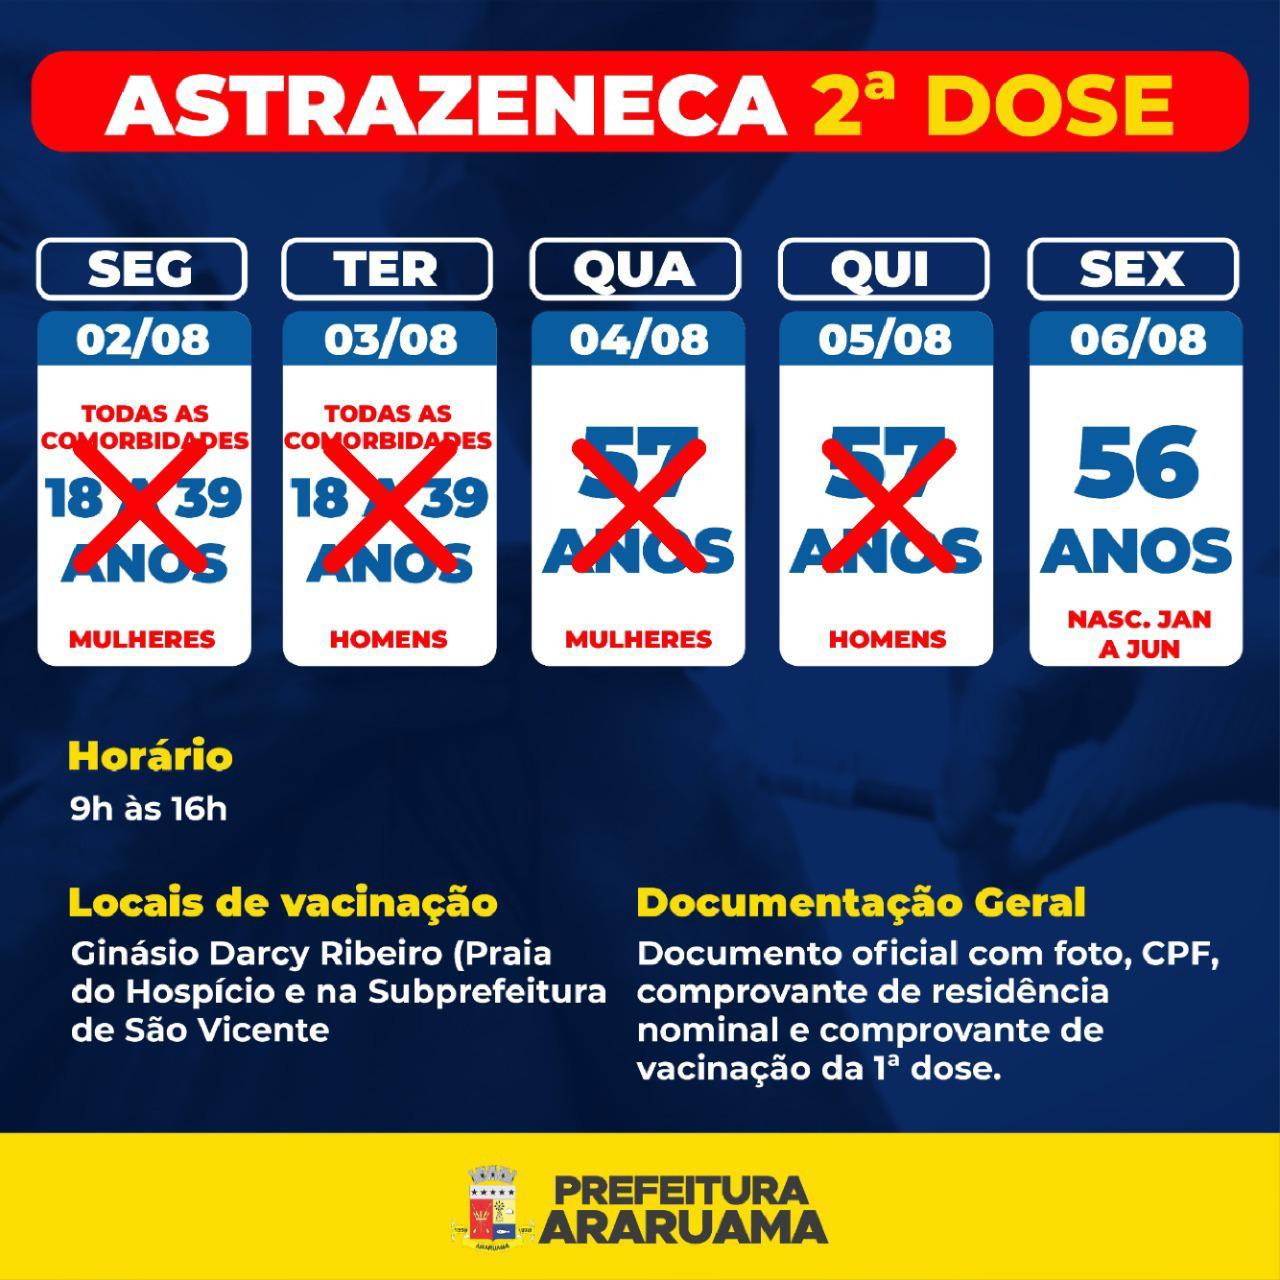 Calendário de vacinação da segunda dose da Astrazeneca para essa sexta-feira, 06